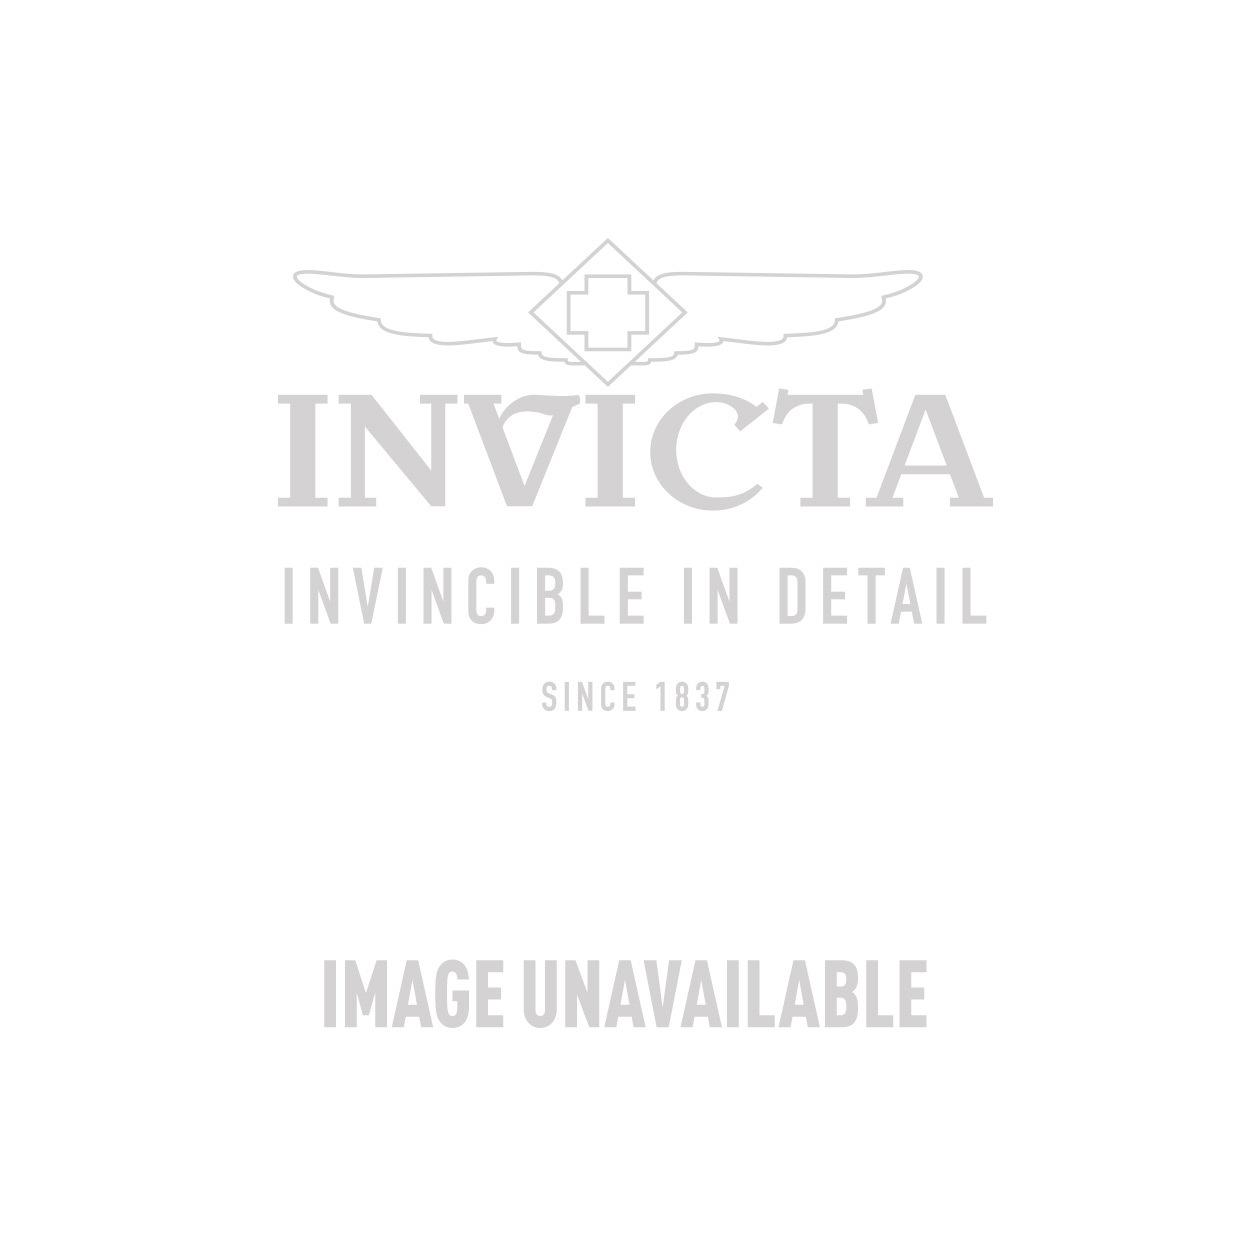 Invicta Model 27567